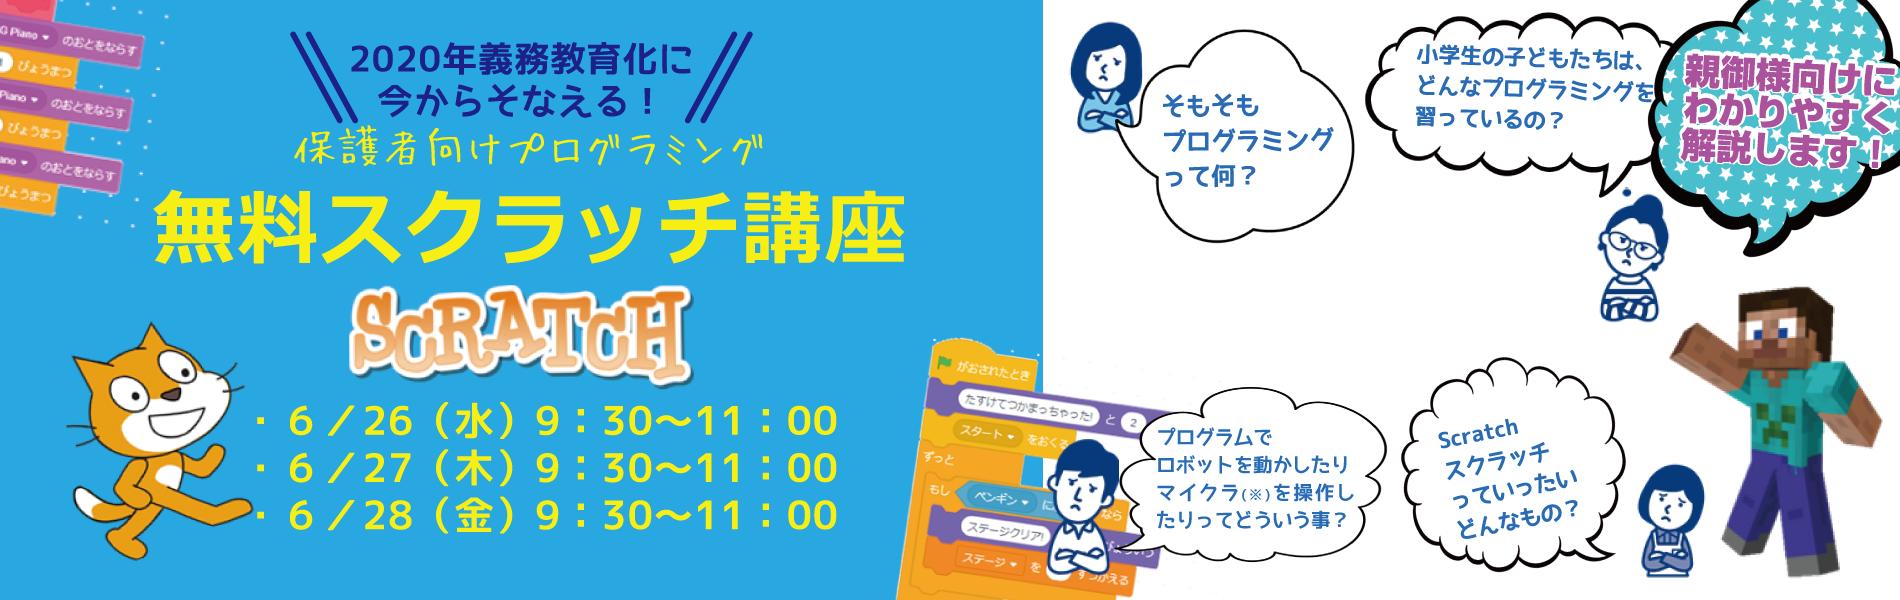 大人向けスクラッチ講座無料!